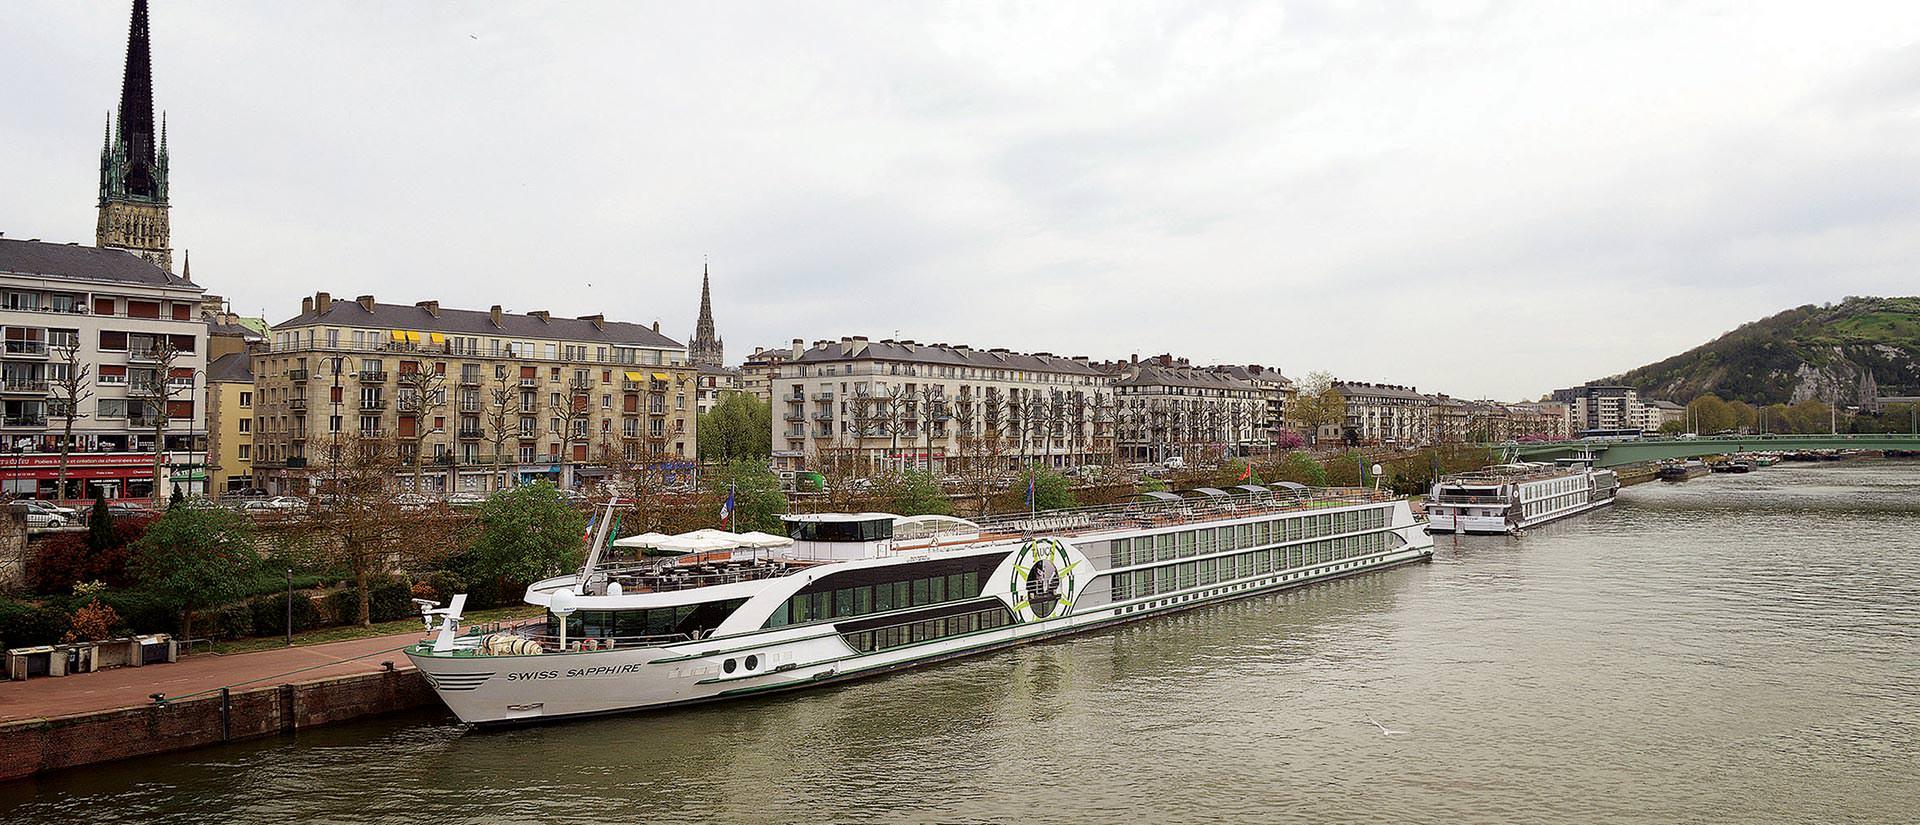 שייט חווייתי בין פריז לנורמנדי - 8 ימים - טיול, תרבות ומוסיקה על הסיין